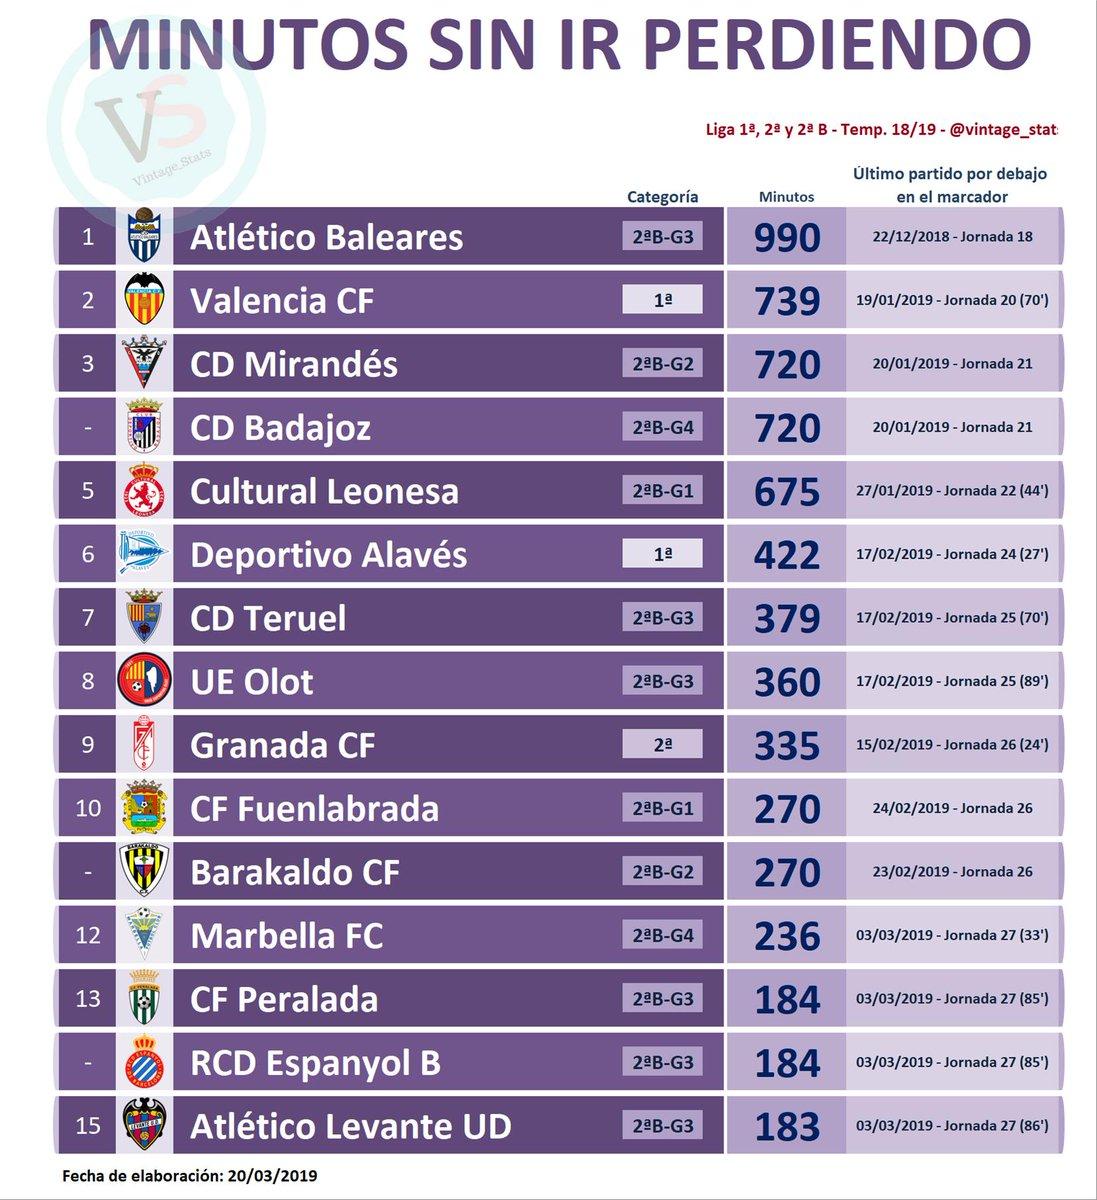 ✅ #Dato Liga 1ª, 2ª y 2ªB  🔸 MÁS MINUTOS SIN IR POR DEBAJO EN EL MARCADOR:  [990] @atleticbalears [739] @valenciacf [720] @CDMirandes [720] @CDBadajoz [675] @CyDLeonesa [422] @Alaves [379] @TeruelCd [360] @UEO1921 [335] @GranadaCdeF [270] @CFuenlabradaSAD